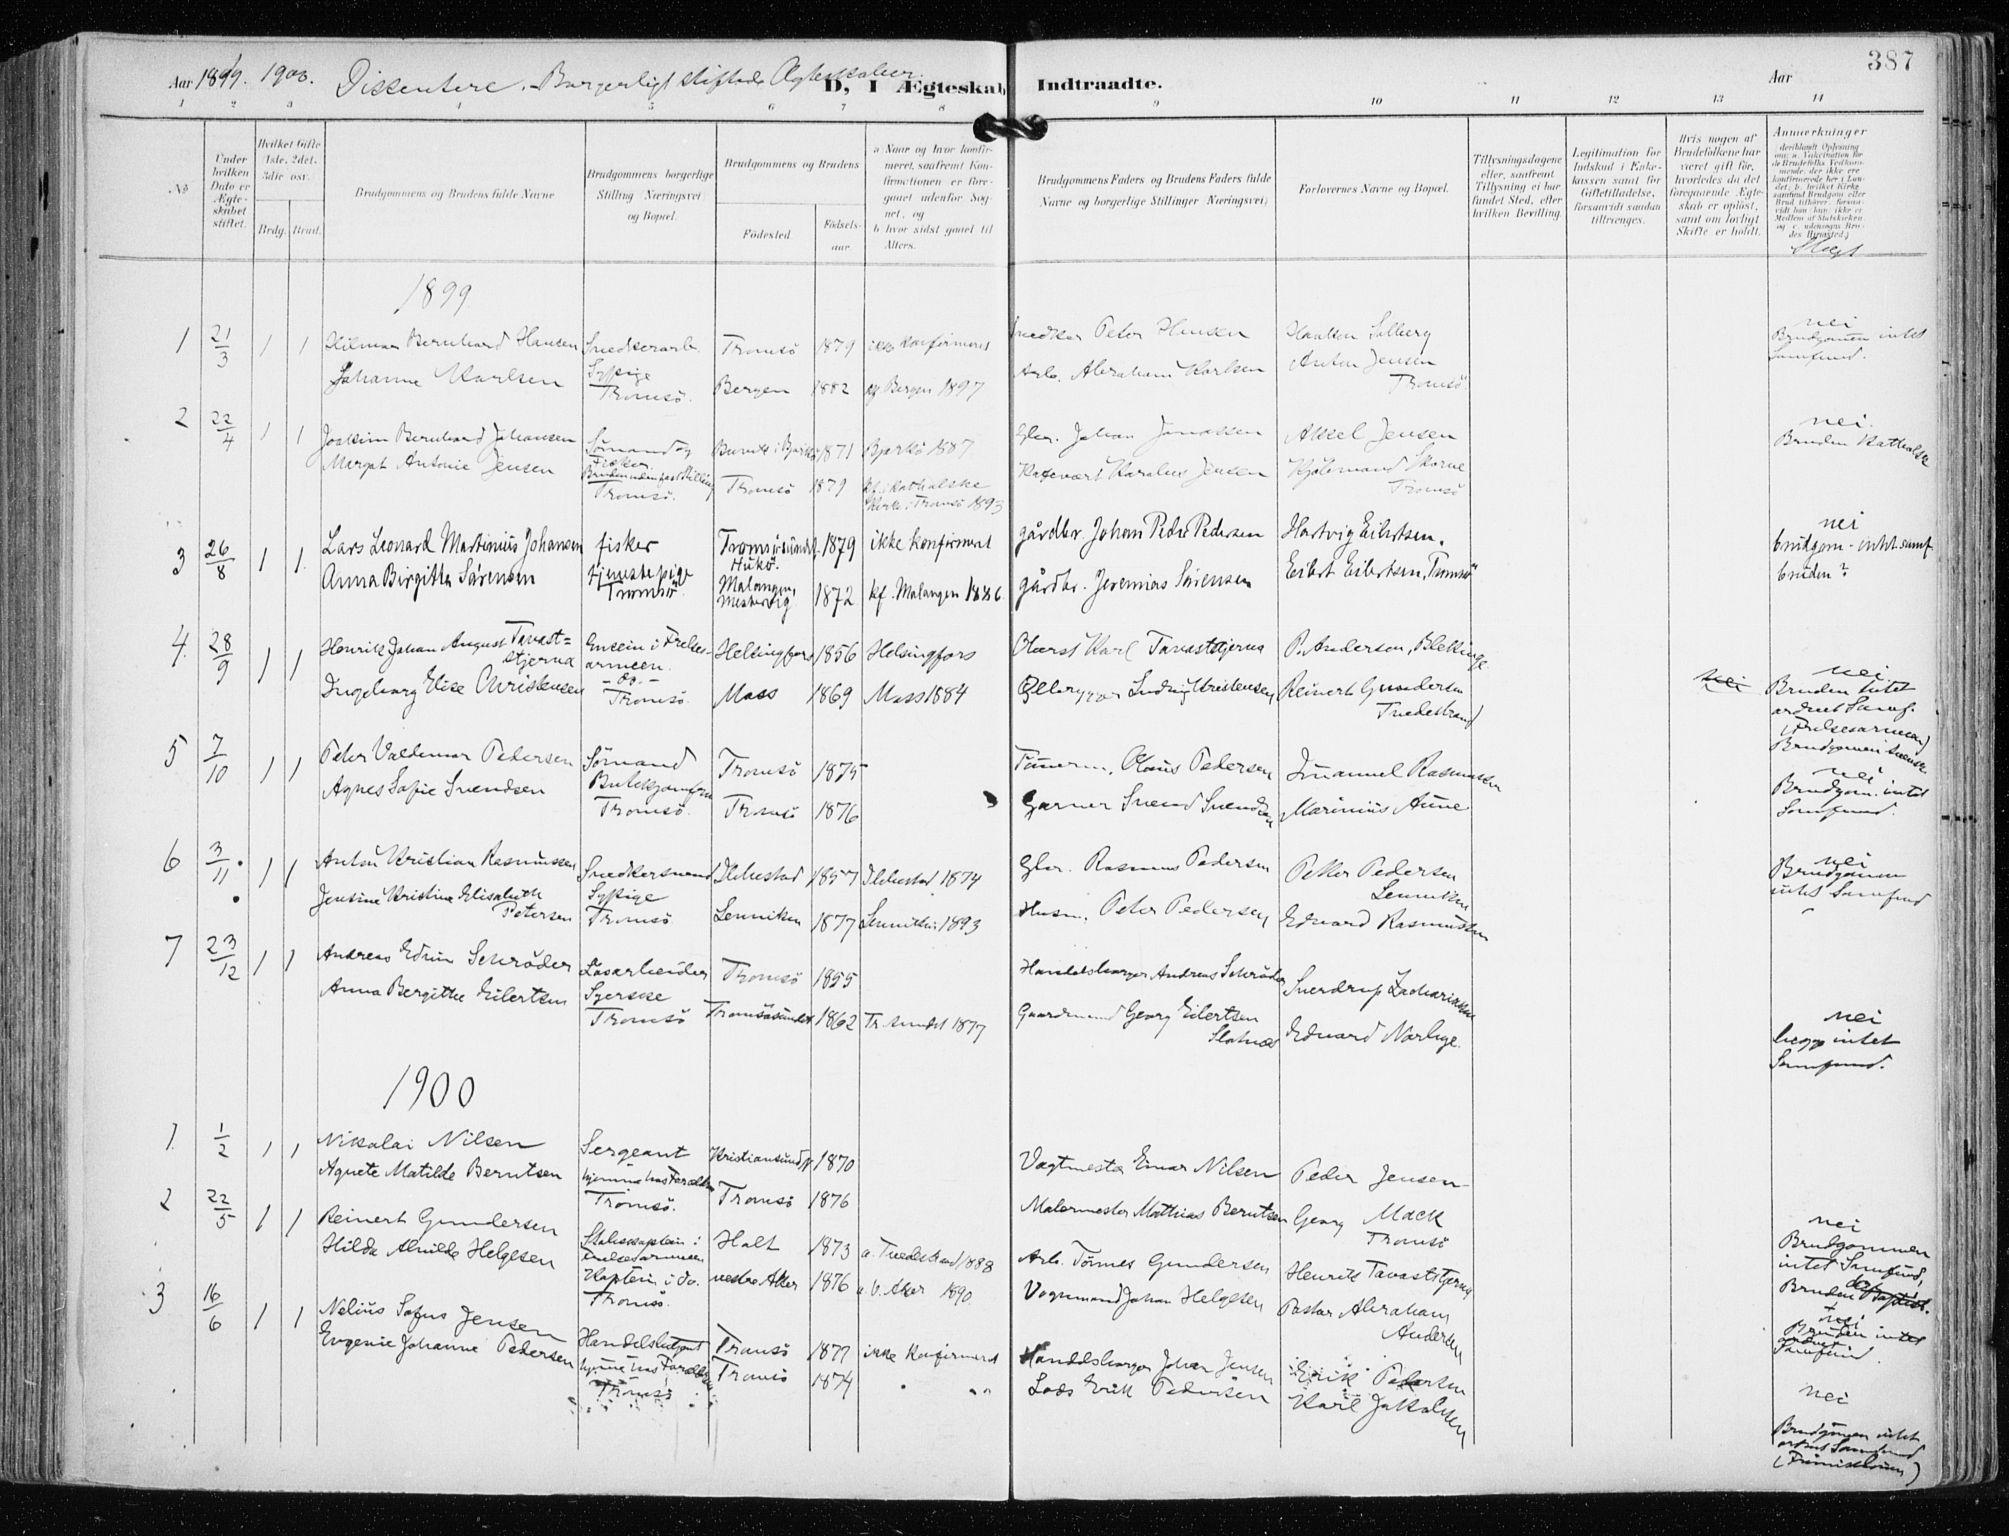 SATØ, Tromsø sokneprestkontor/stiftsprosti/domprosti, G/Ga/L0016kirke: Ministerialbok nr. 16, 1899-1906, s. 387